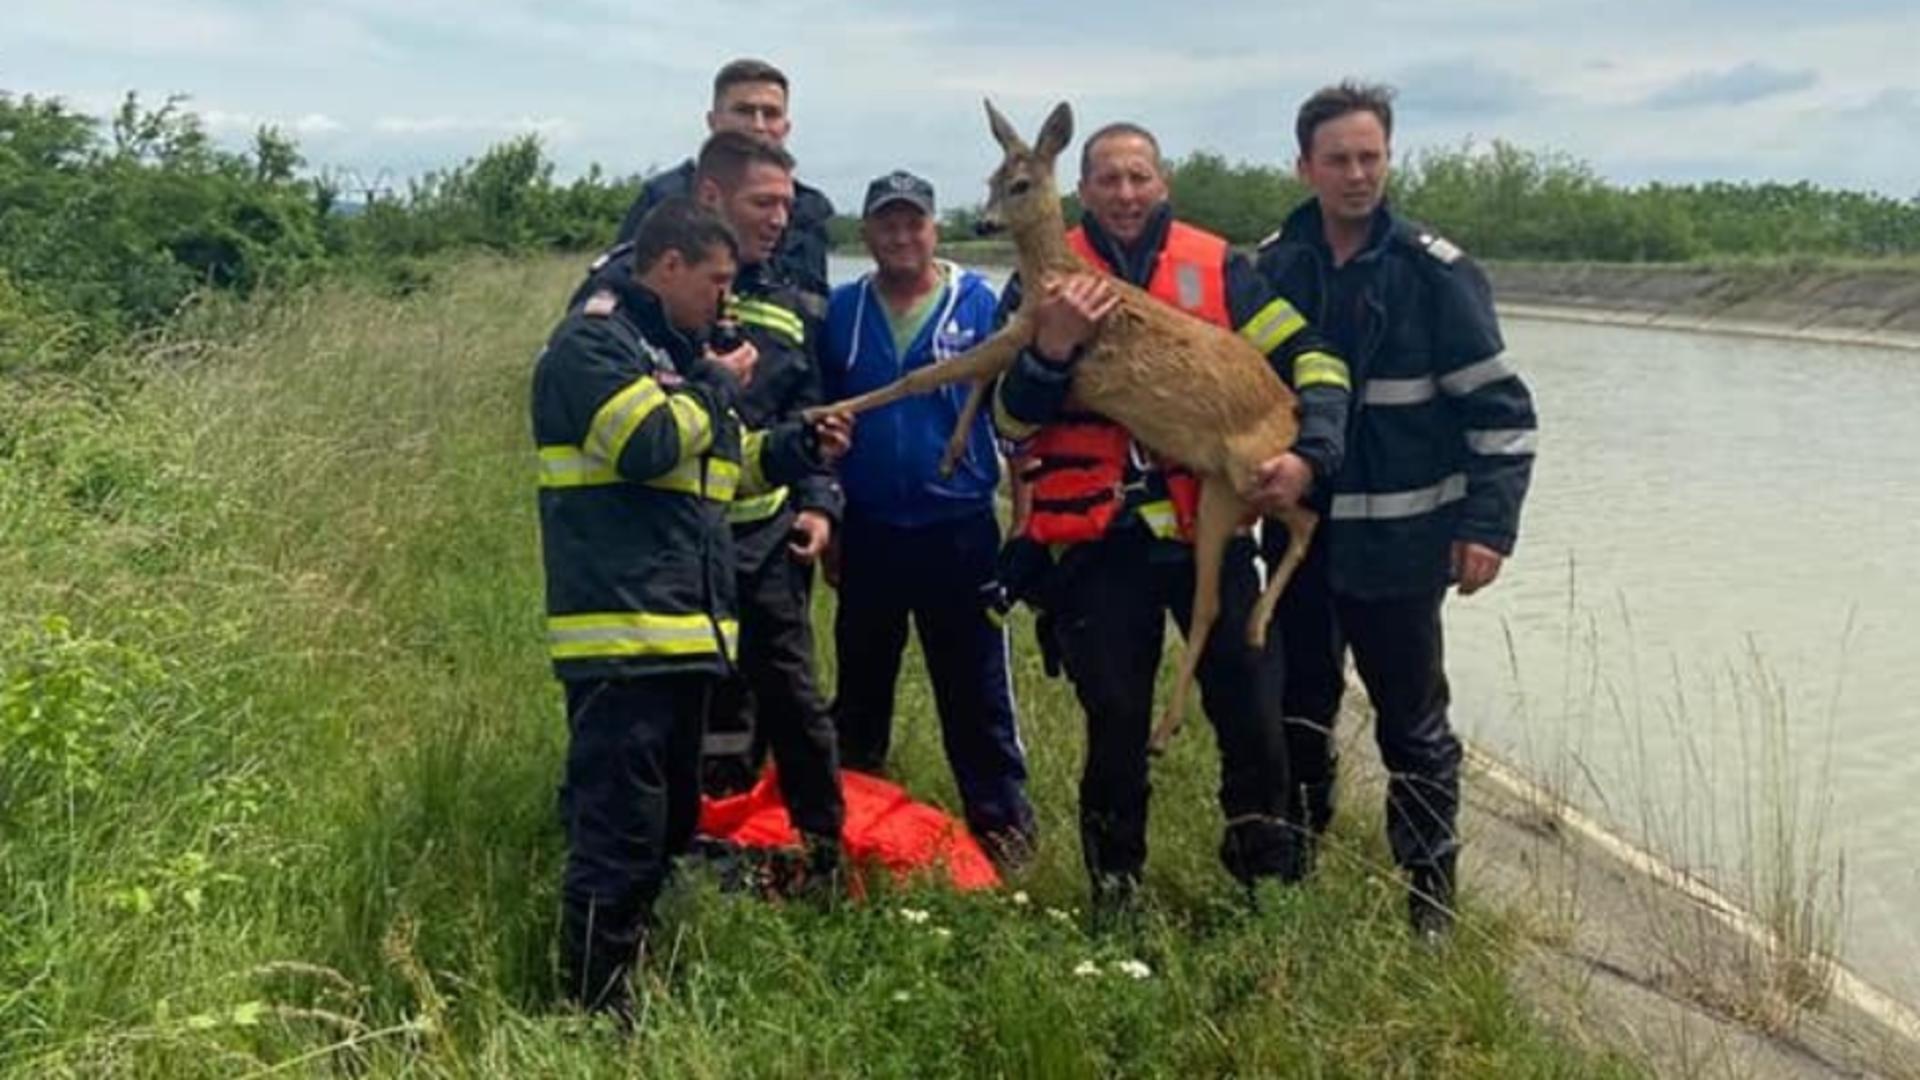 Operațiune spectaculoasă a pompierilor din Neamț pentru a salva o căprioară dintr-un canal - Imagini emoționante